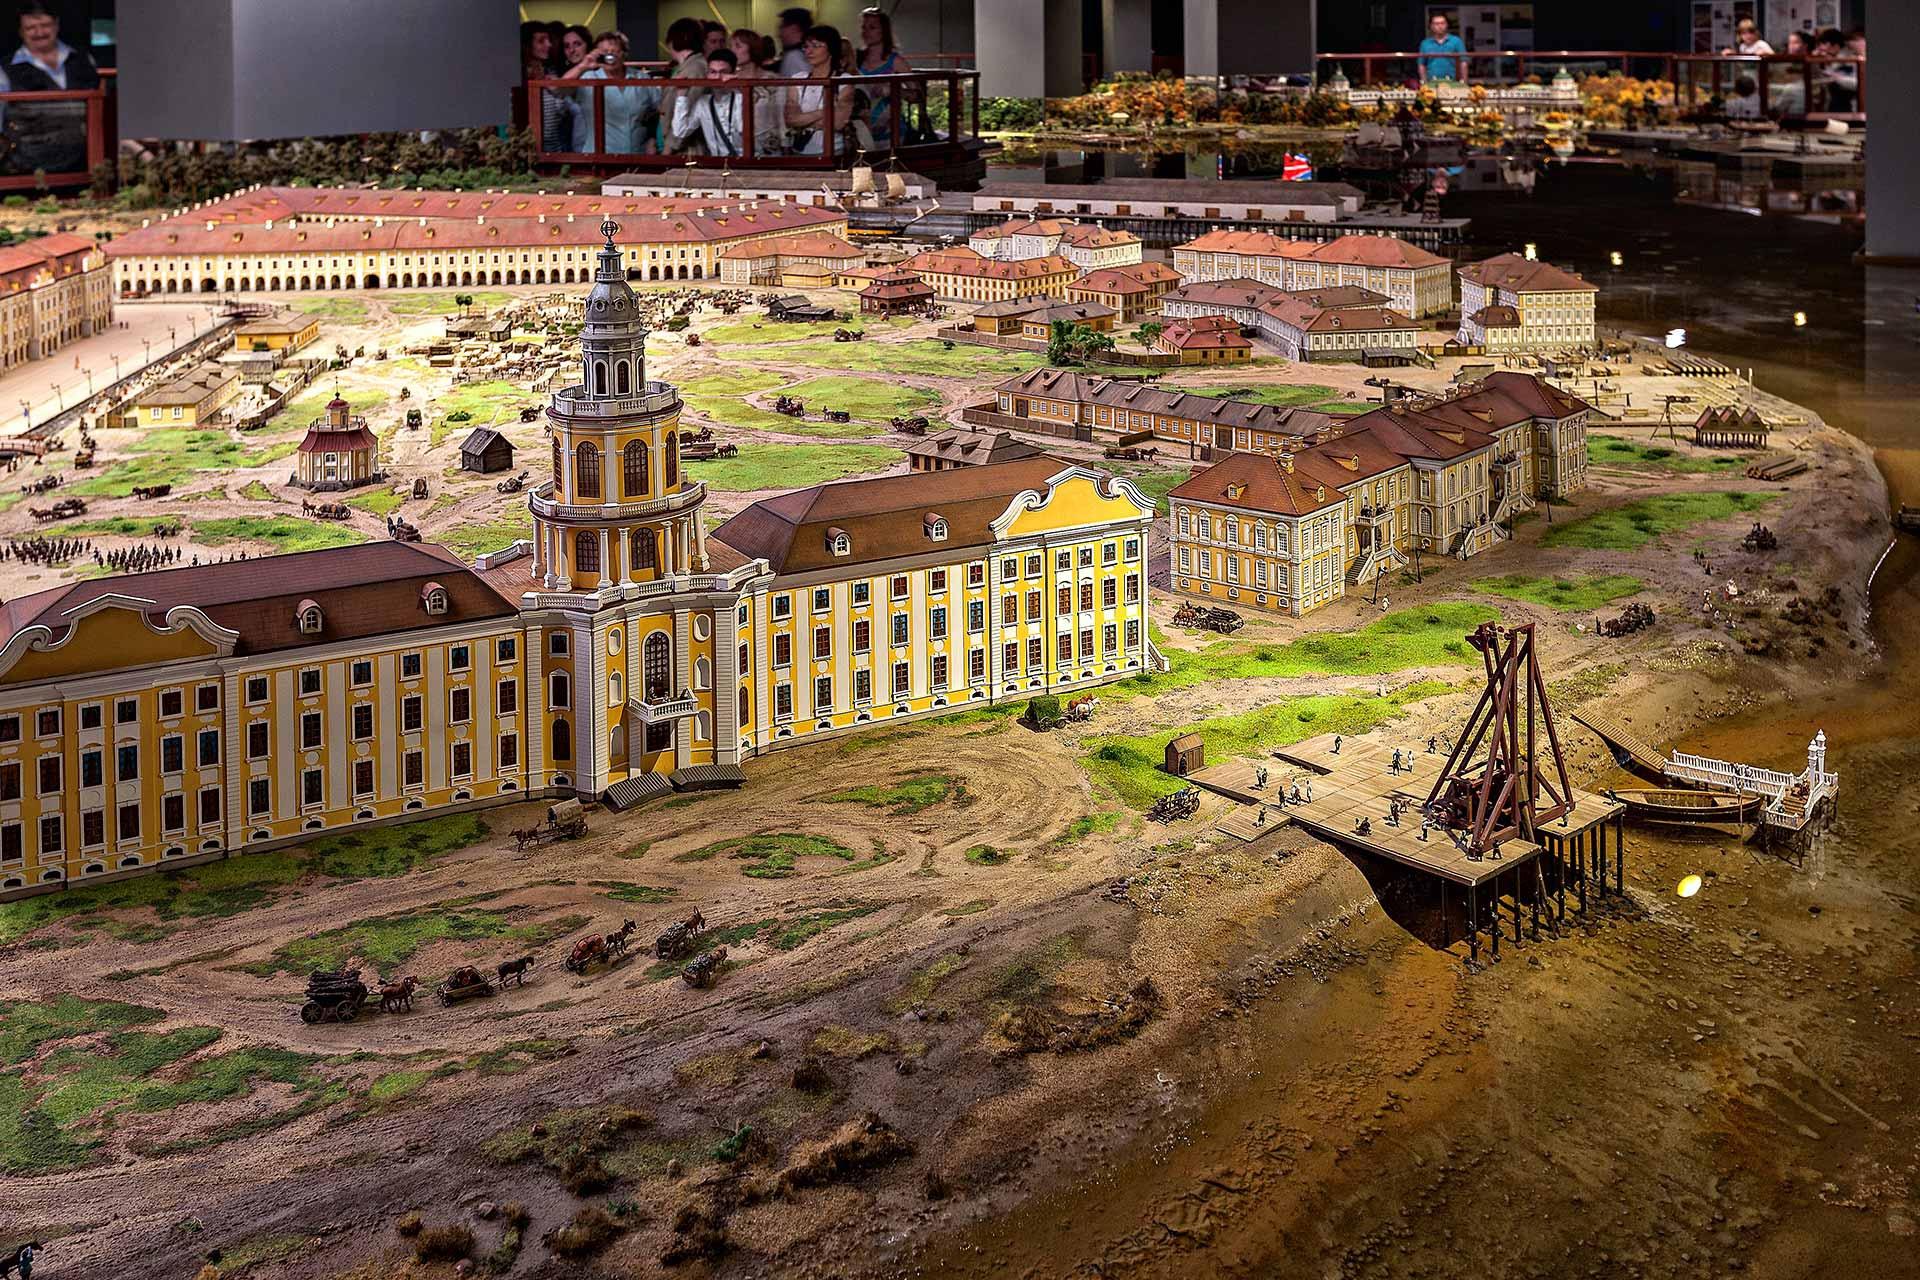 Обзорная экскурсия по Петербургу в музее «Петровская акватория»